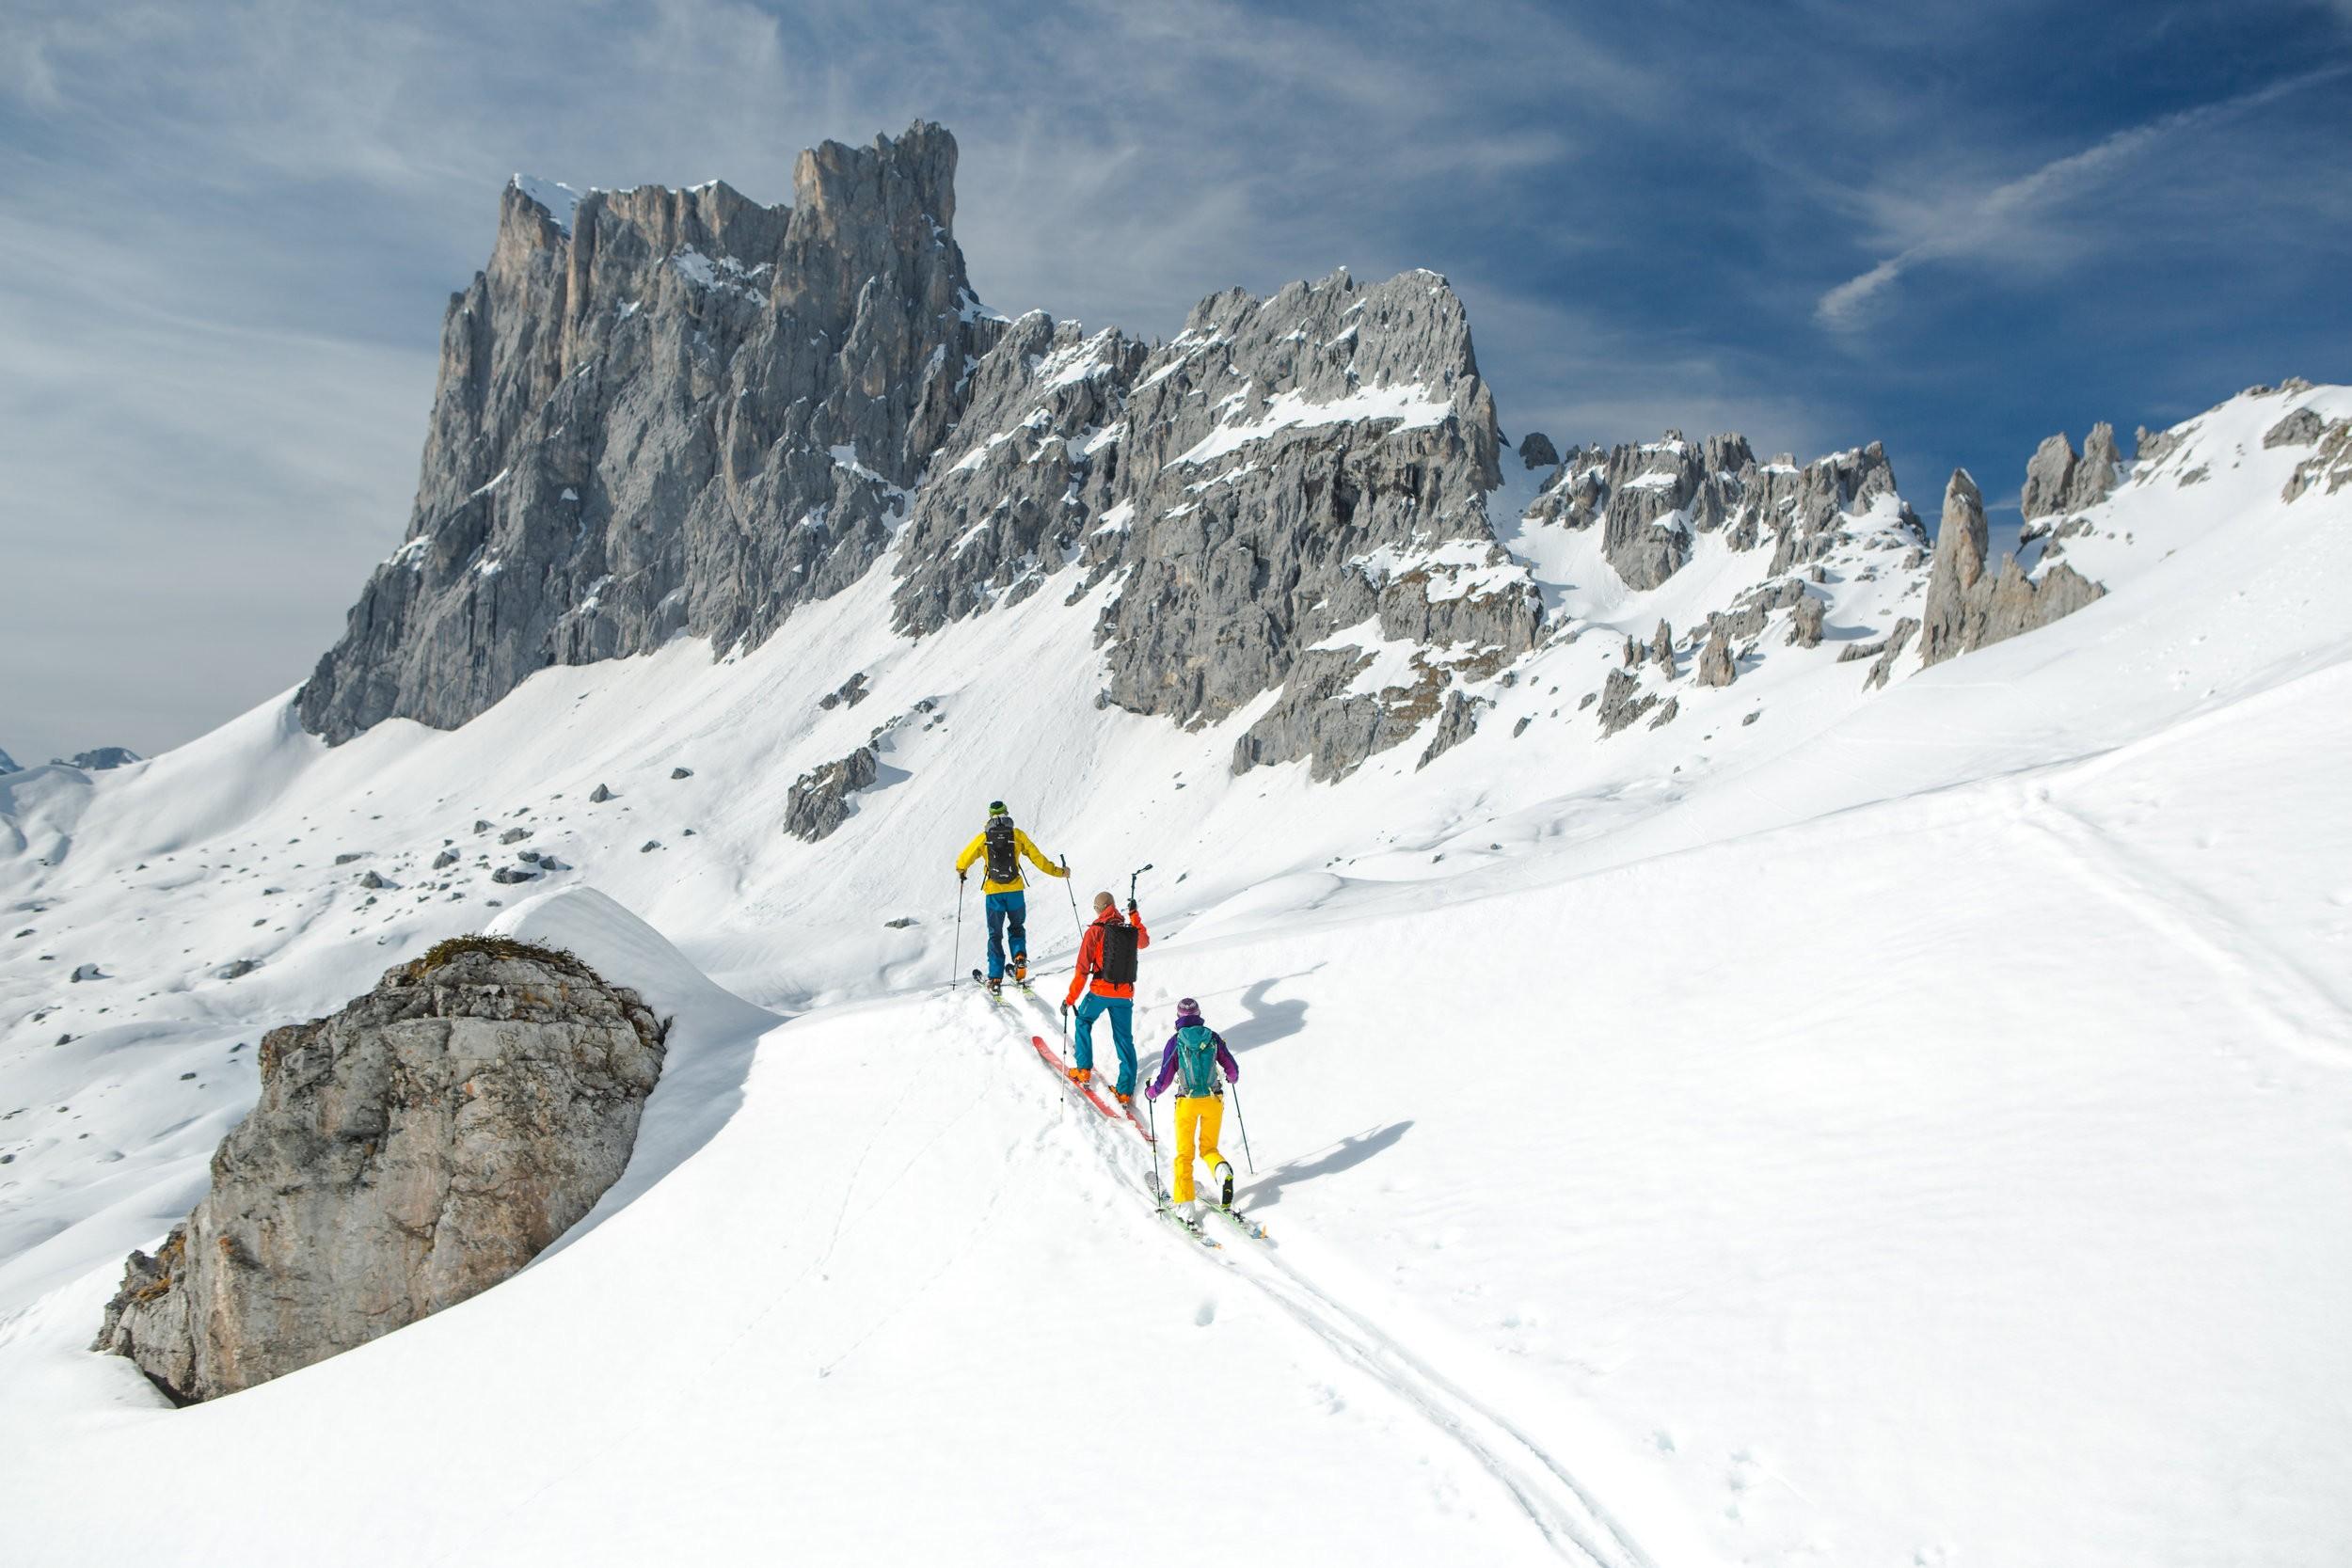 Ски-тур — что это, история, техника катания, особенности снаряжения